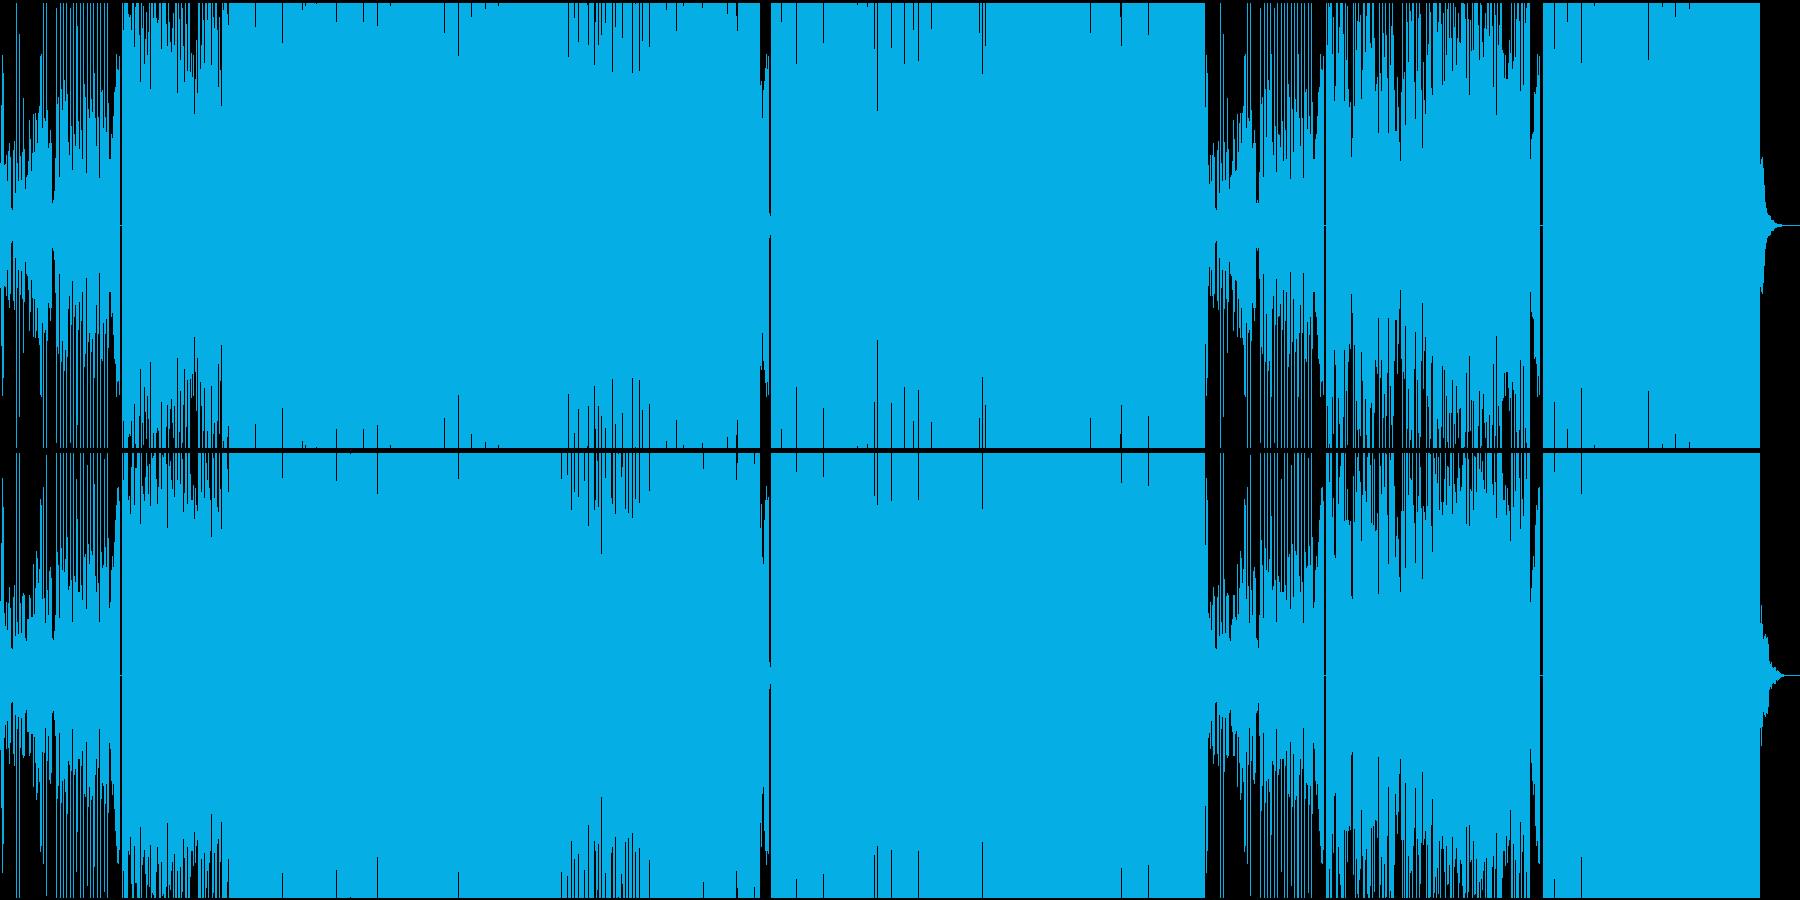 キラキラ系おとぎ話洋楽EDMの再生済みの波形